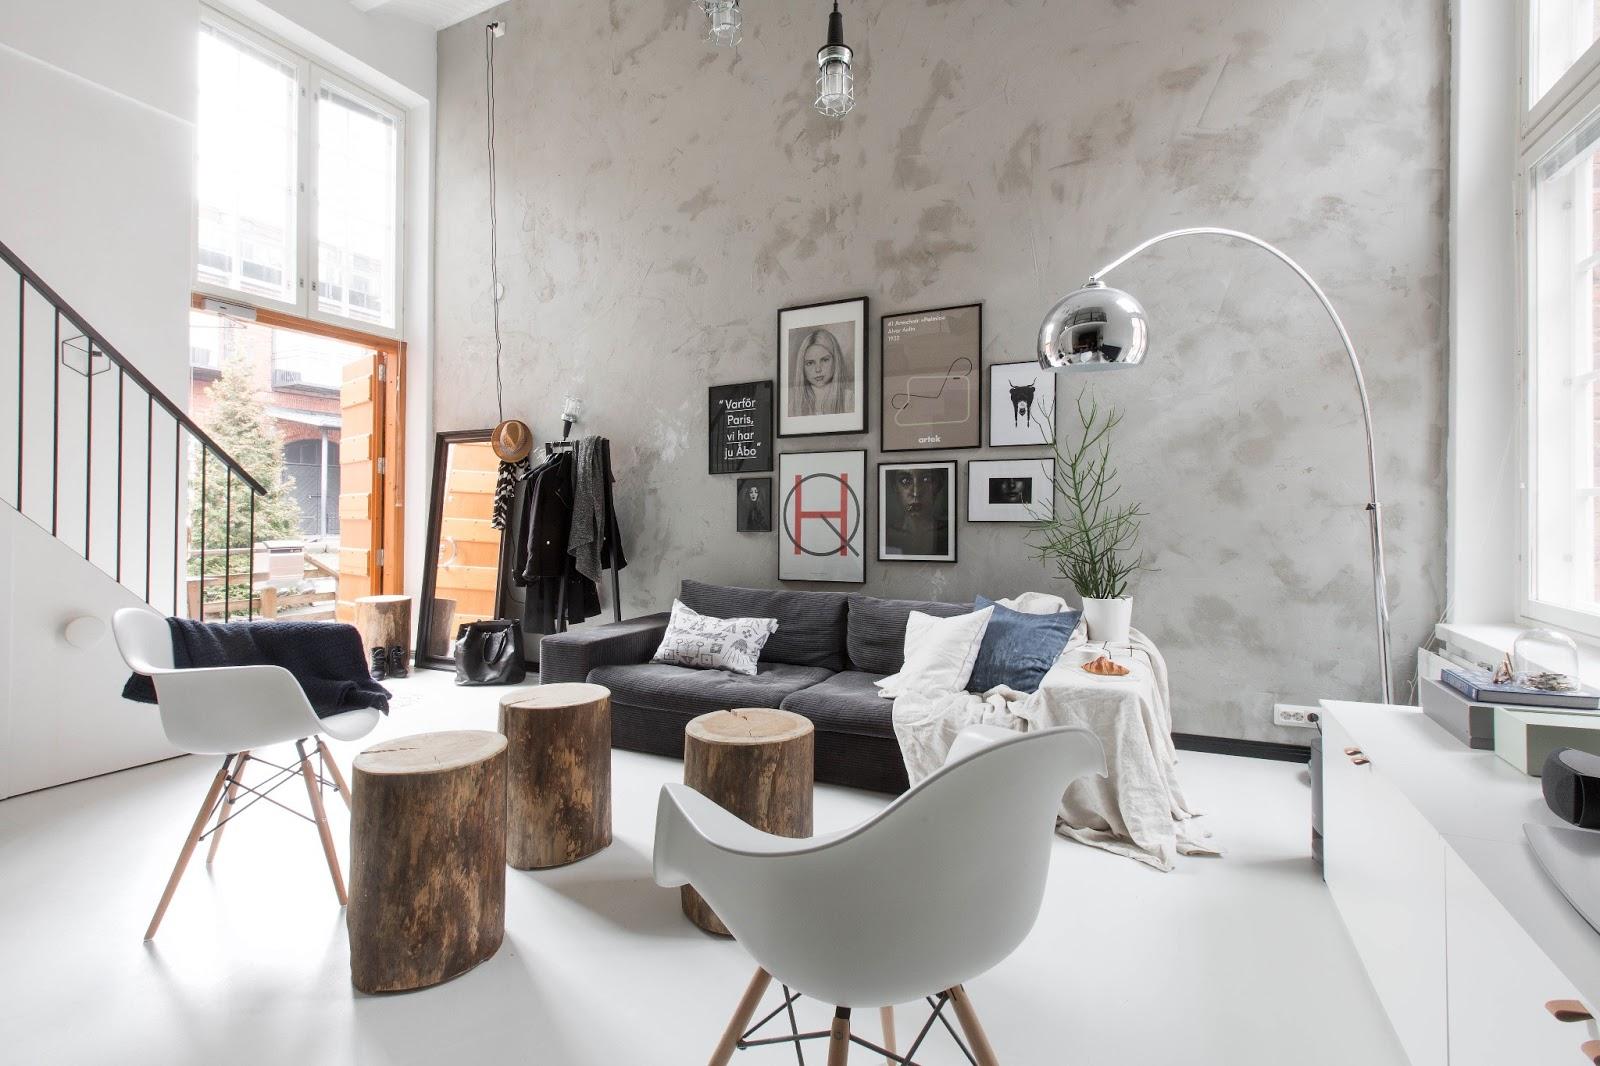 An Urban Village Scandinavian Loft Inspiration